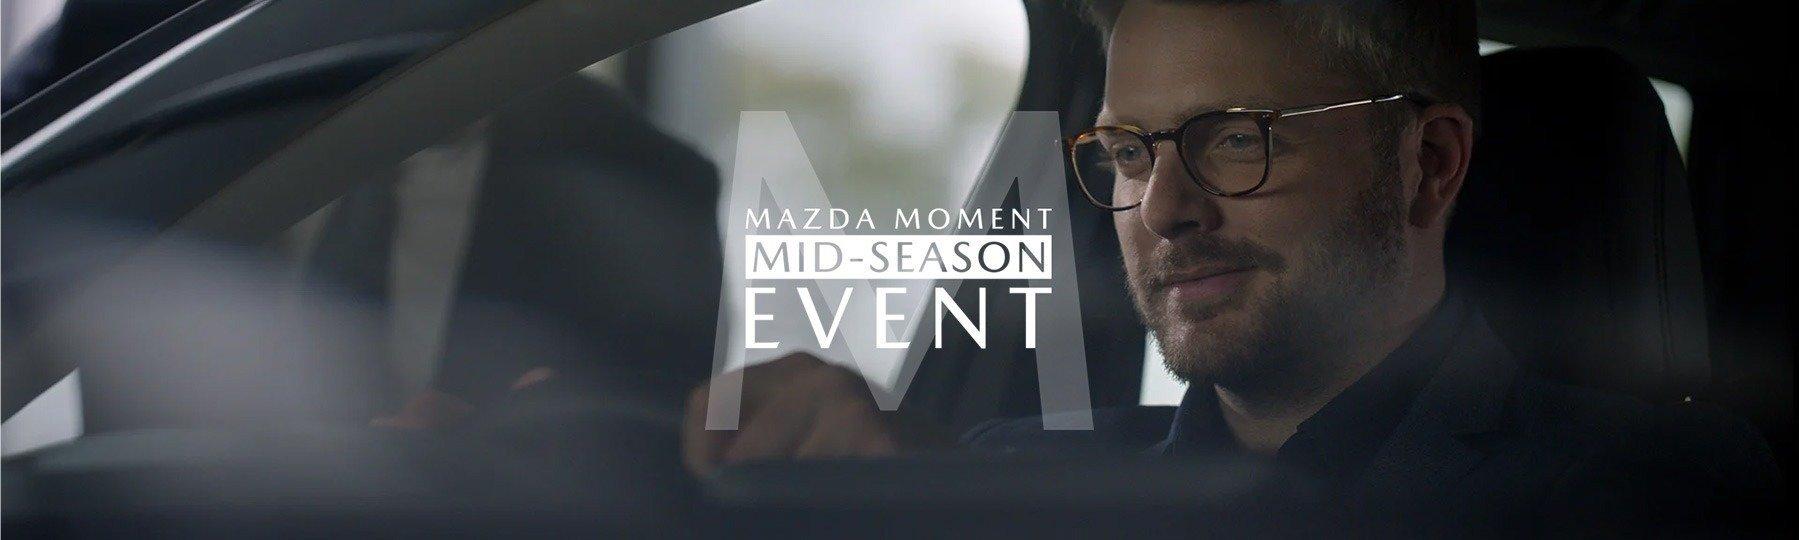 Mazda Moment Mid-Season Event